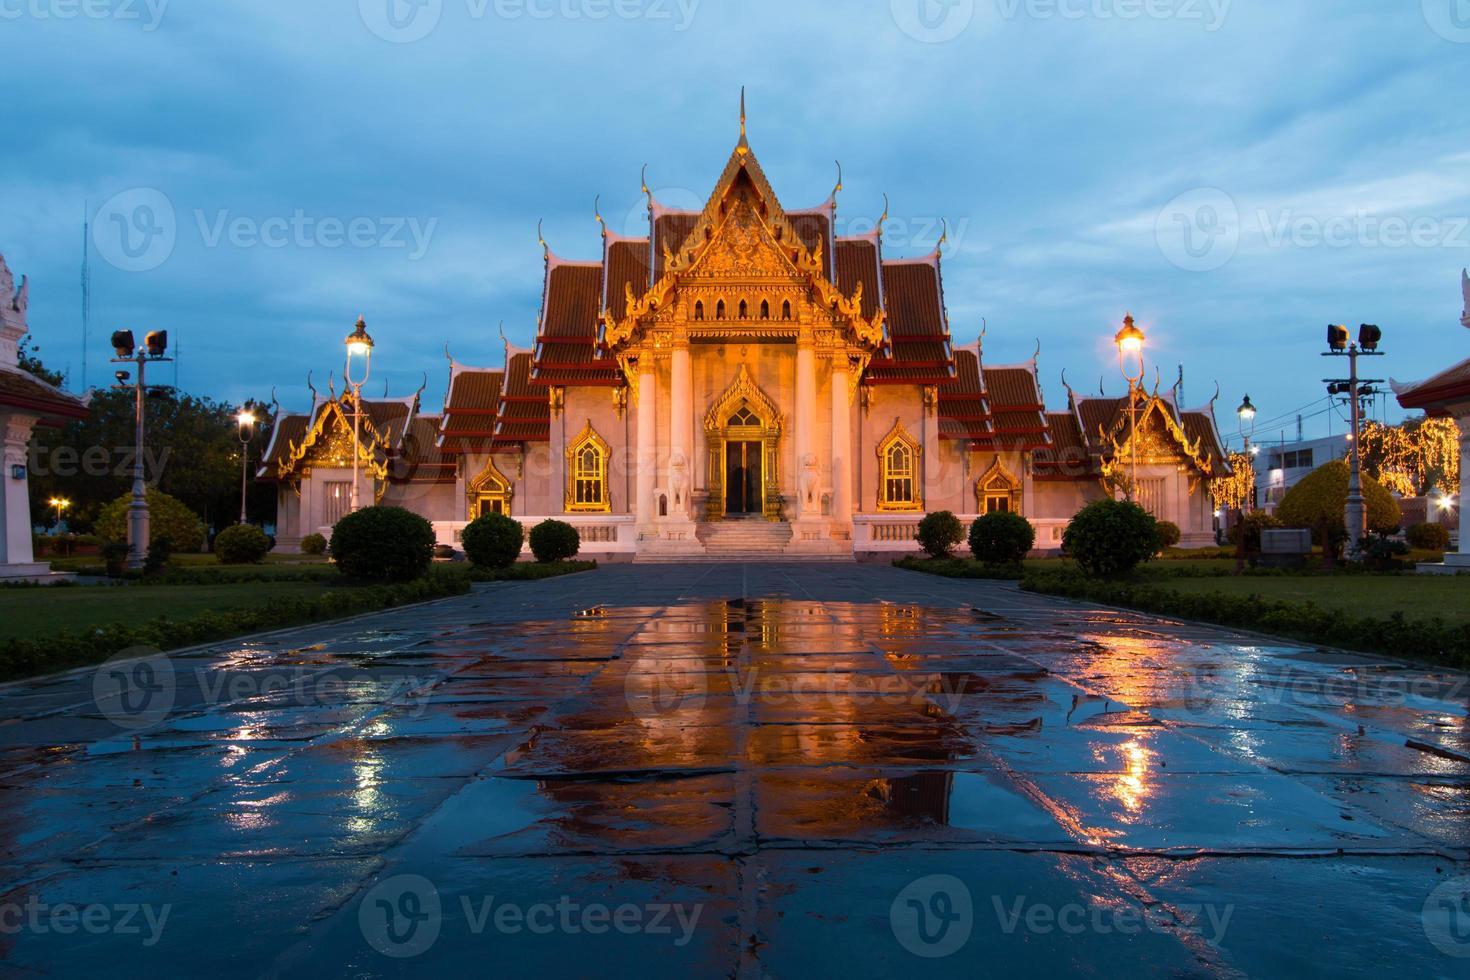 tempio di marmo thailandia foto